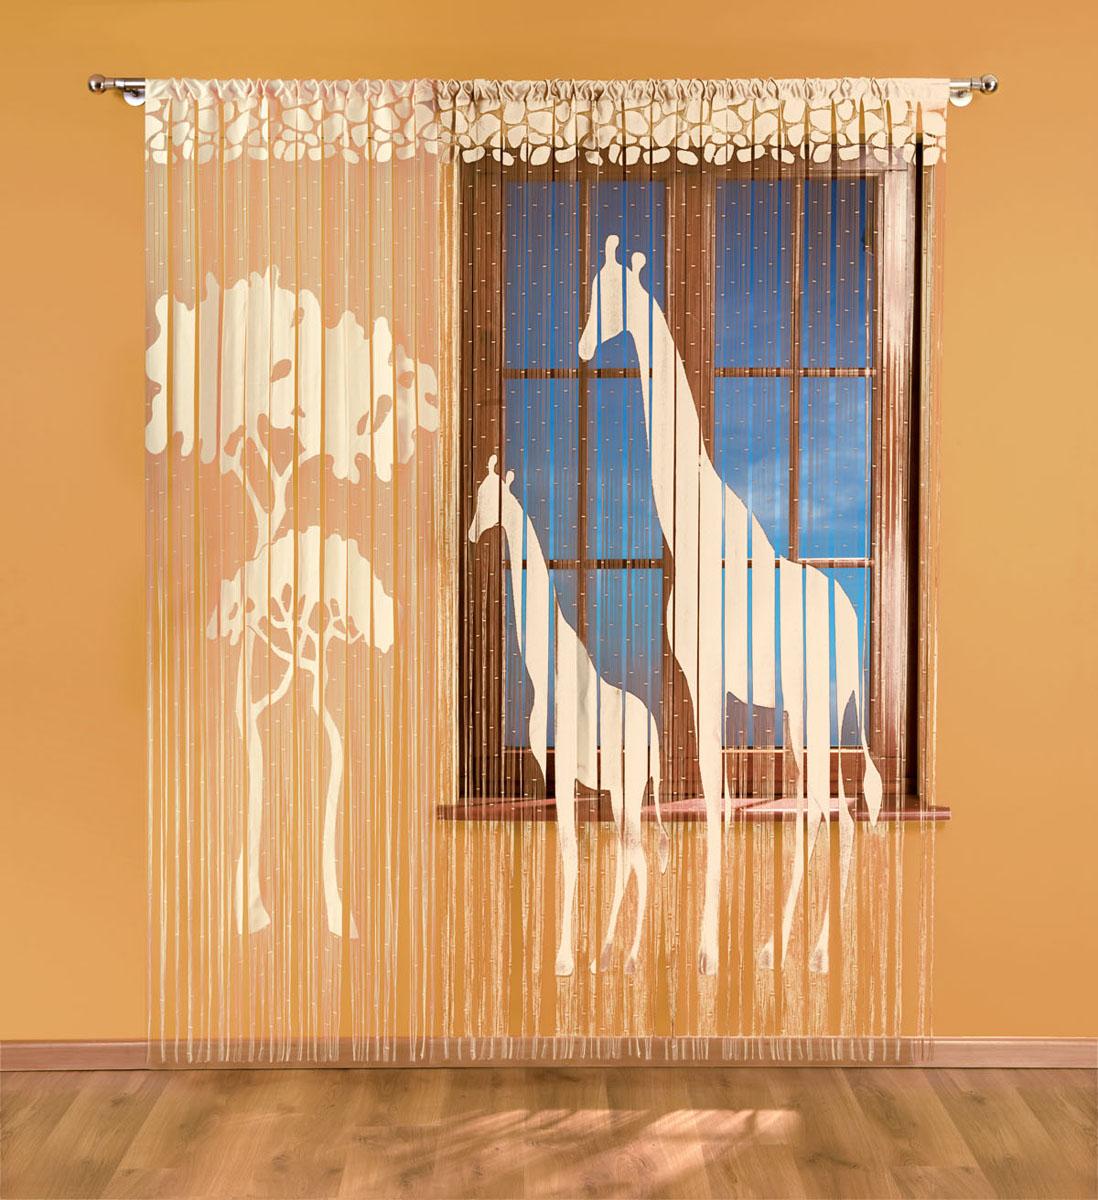 Гардина-лапша Жираф, на кулиске, цвет: кремовый, высота 240 см735013Воздушная гардина-лапша Жираф, изготовленная из полиэстера кремового цвета, станет великолепным украшением любого окна. Большое полотно гардины декорировано плотной текстурой в виде двух жирафов, а маленькое полотно деревом. Тонкое плетение, оригинальный принт привлекут к себе внимание и органично впишется в интерьер комнаты. Верхняя часть гардины оснащена кулиской для крепления на круглый карниз.